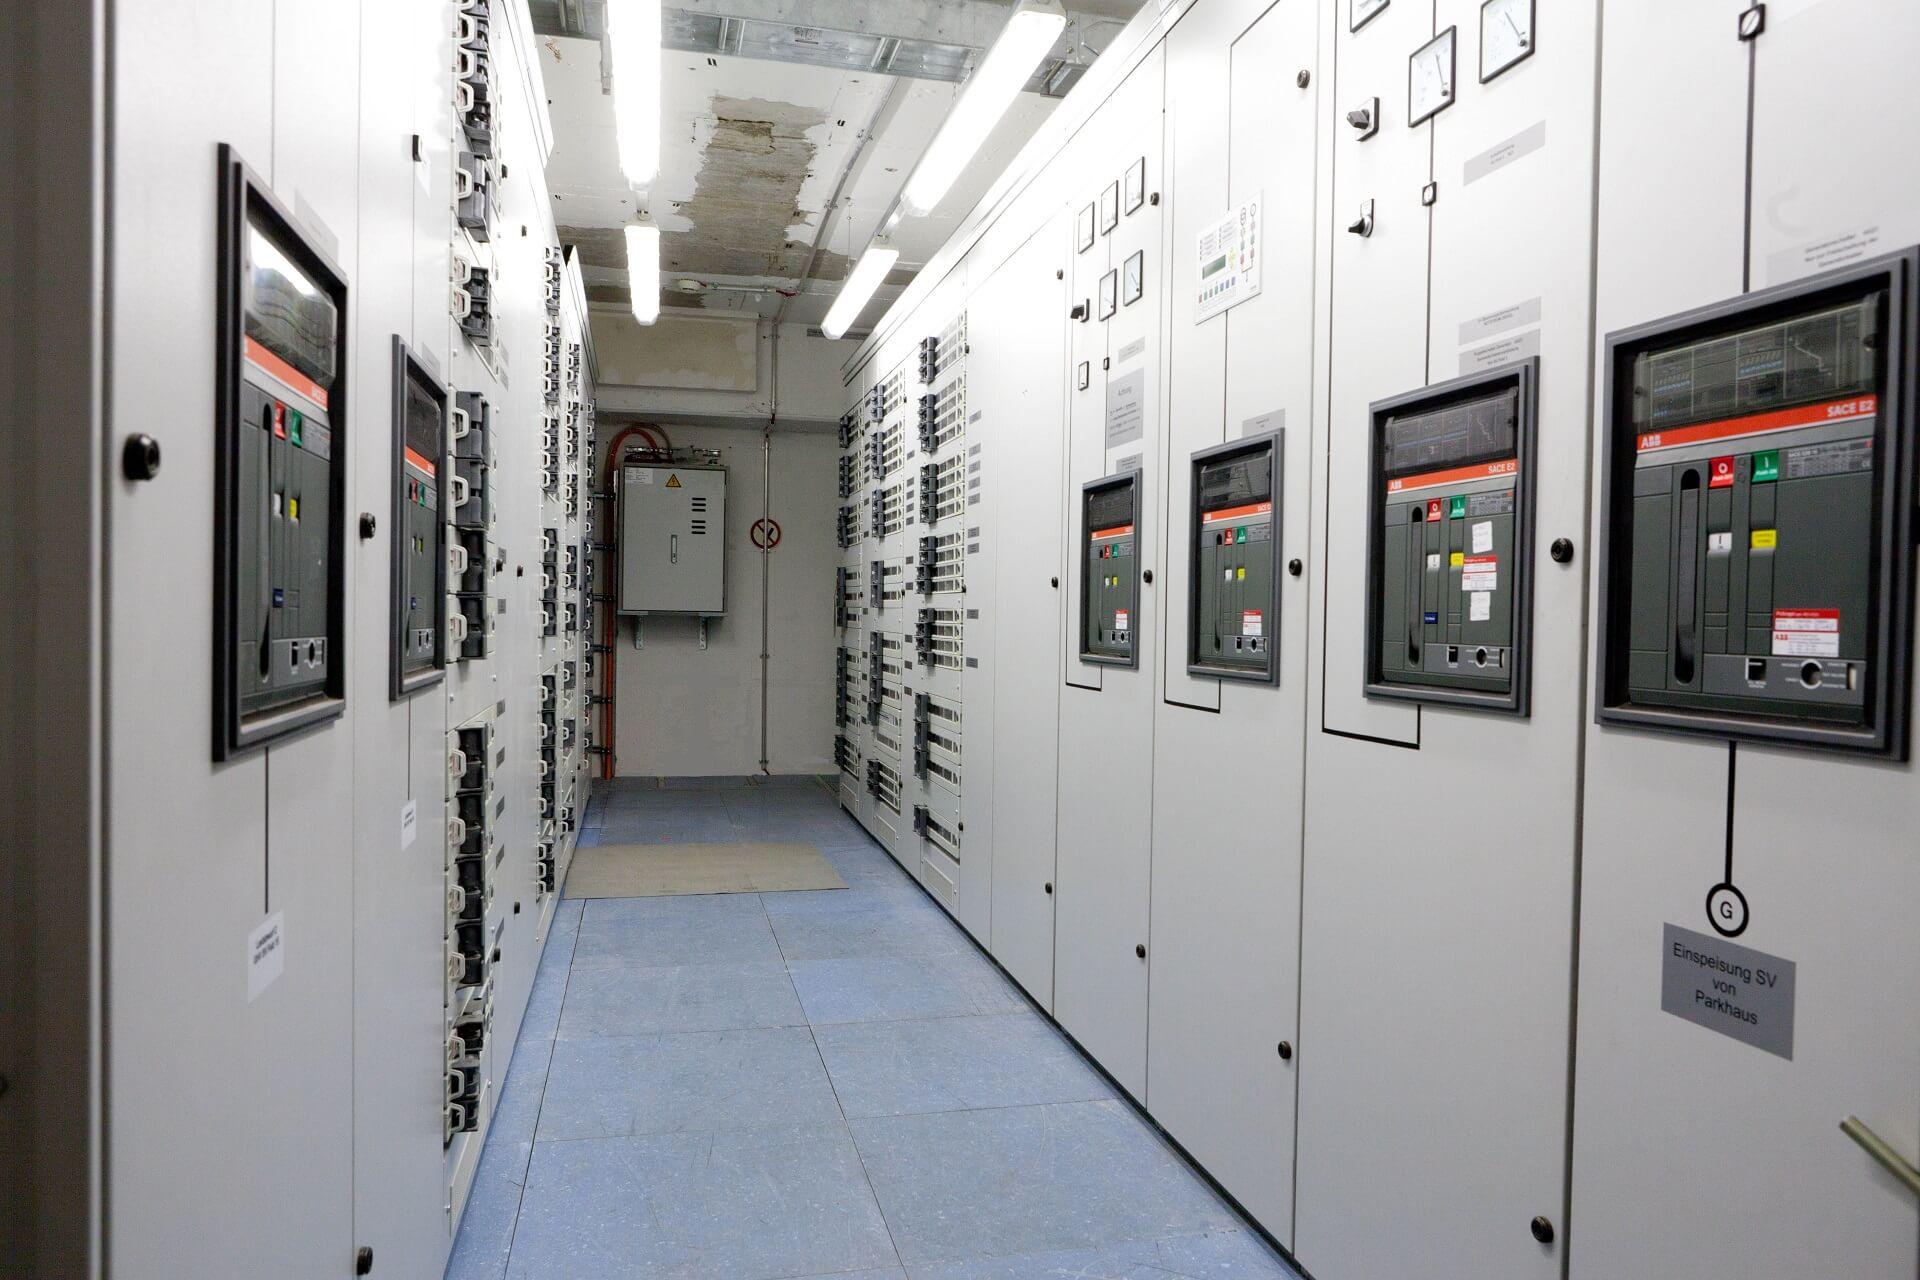 <p><strong>ENERGIETECHNIK</strong></p> <p>Unsere Lösungen für Ihr Unternehmen</p>